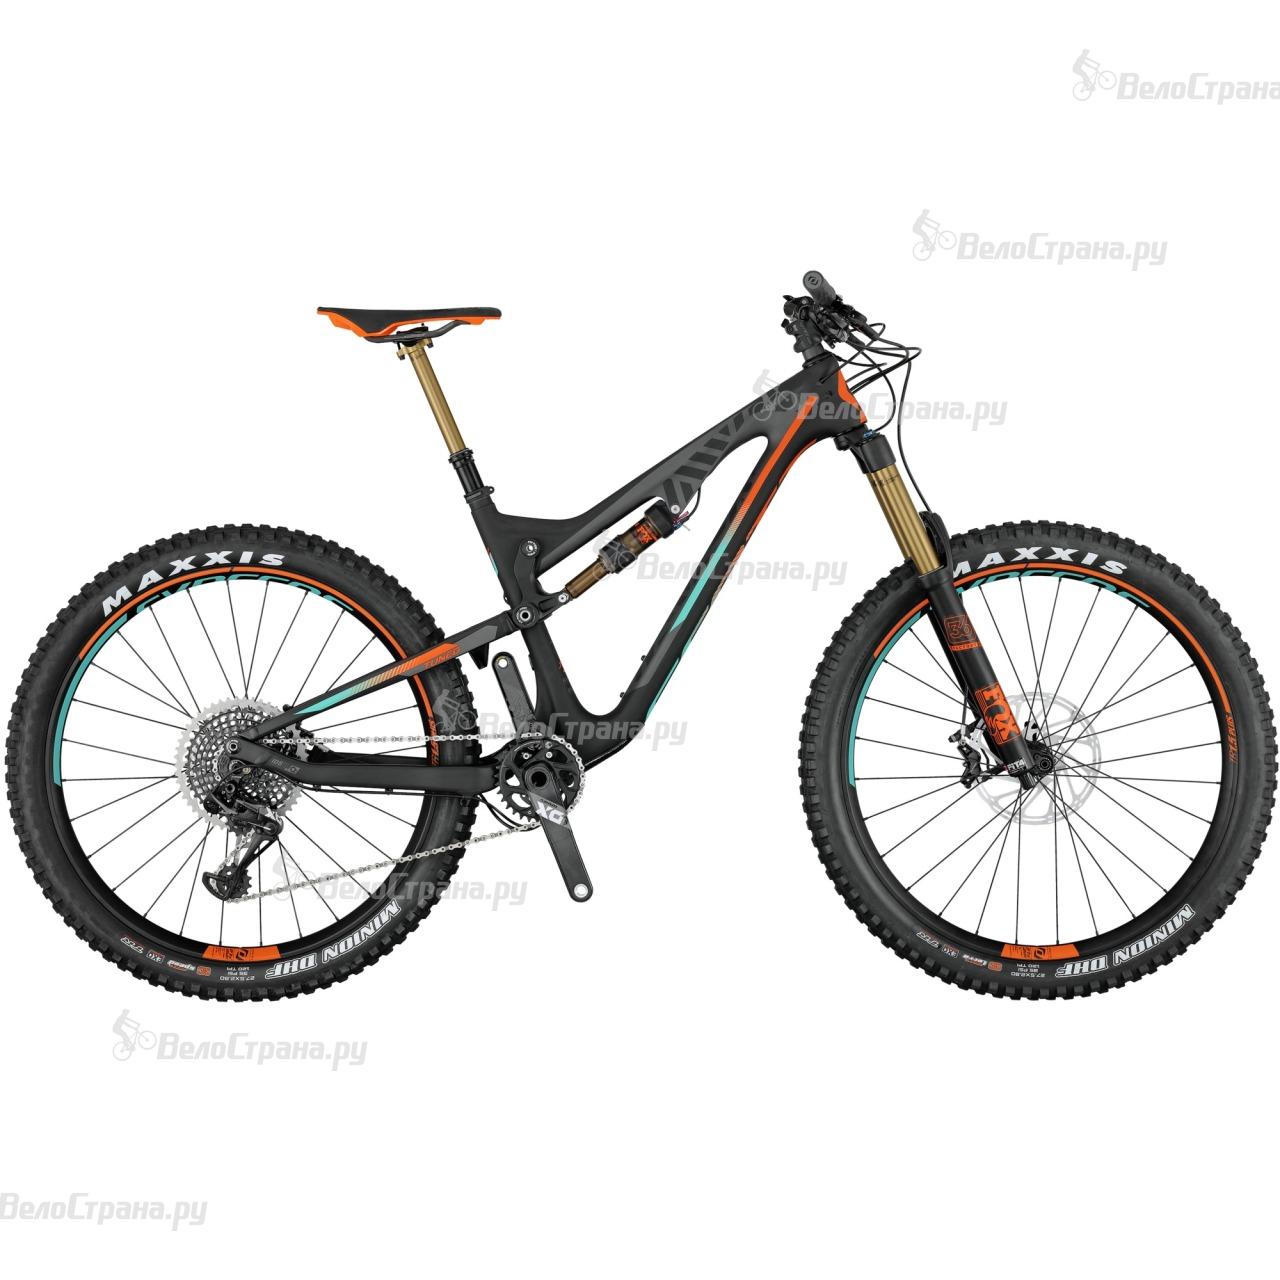 Велосипед Scott Genius LT 700 Plus Tuned (2017)